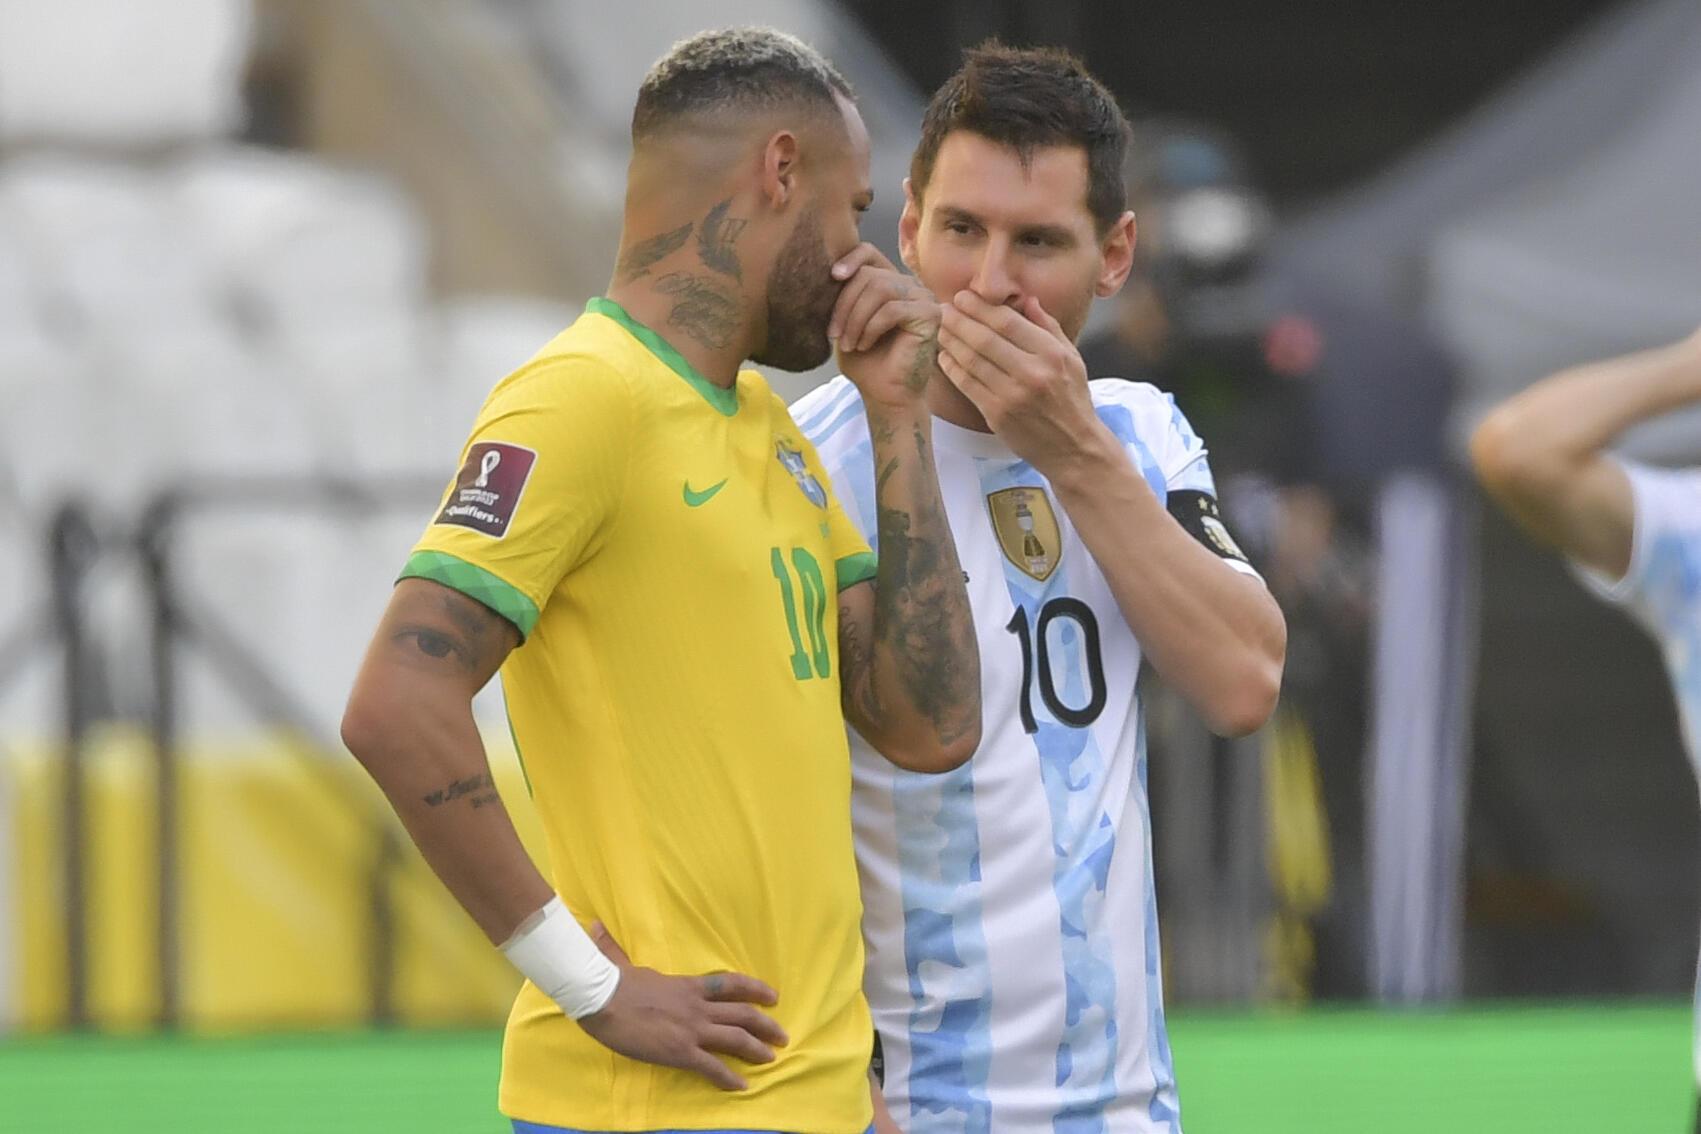 Les star du Brésil Neymar Jr et de l'Argentine échangent des confidences avant le coup d'envoi de leur match à Sao Paulo, le 5 septembre 2021